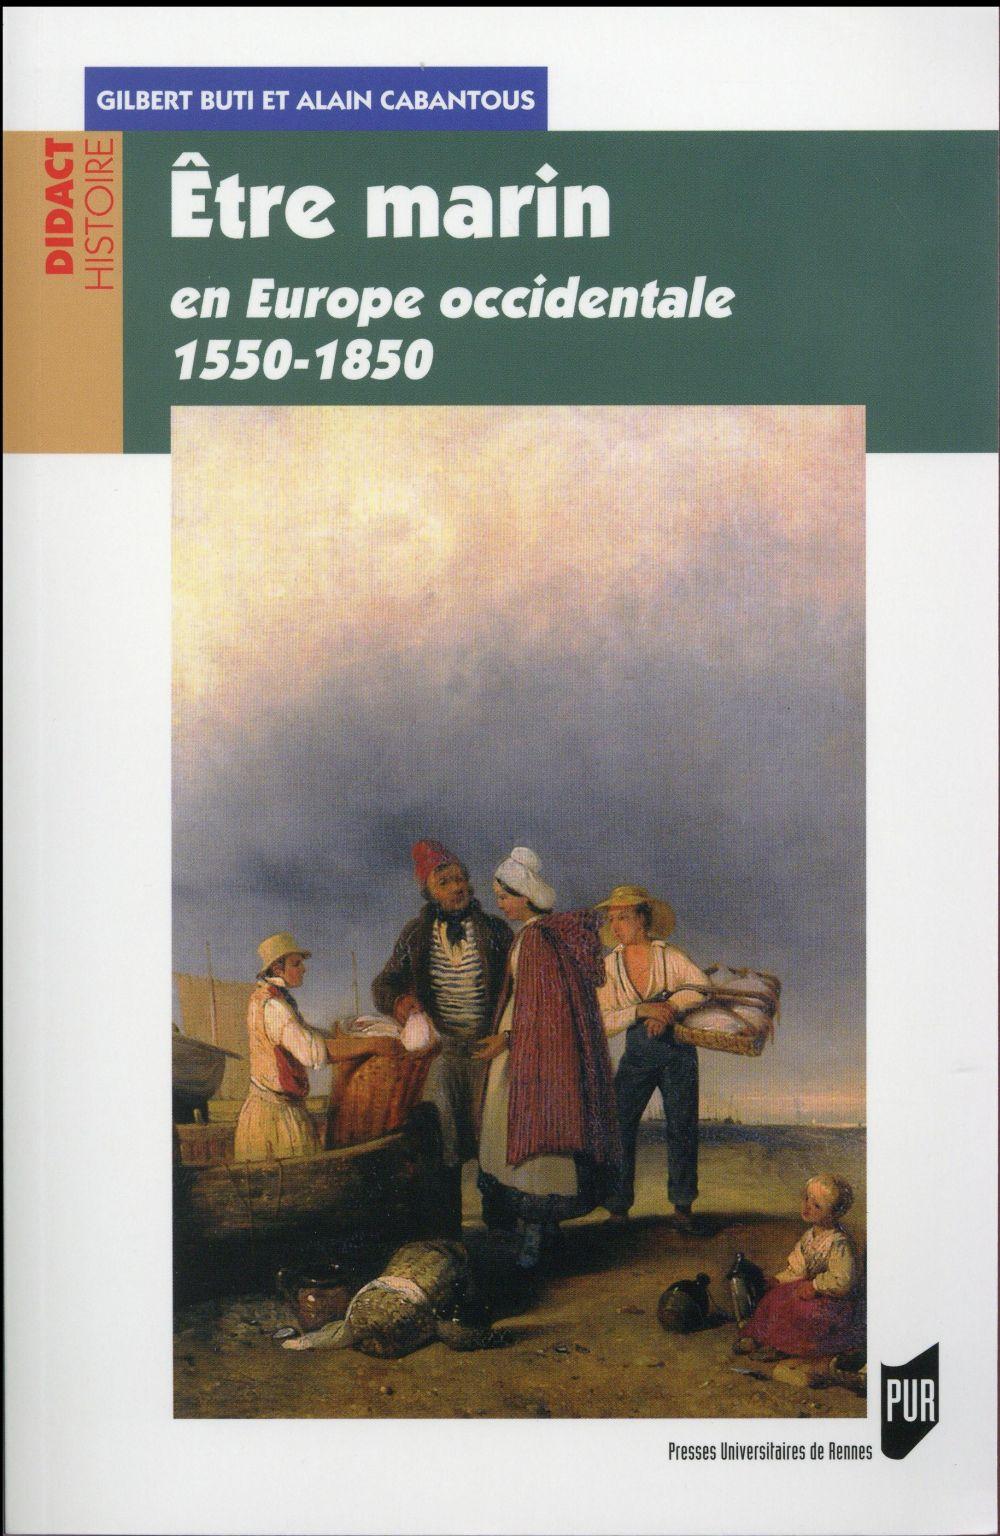 être marin ; en Europe occidentale 1550-1850